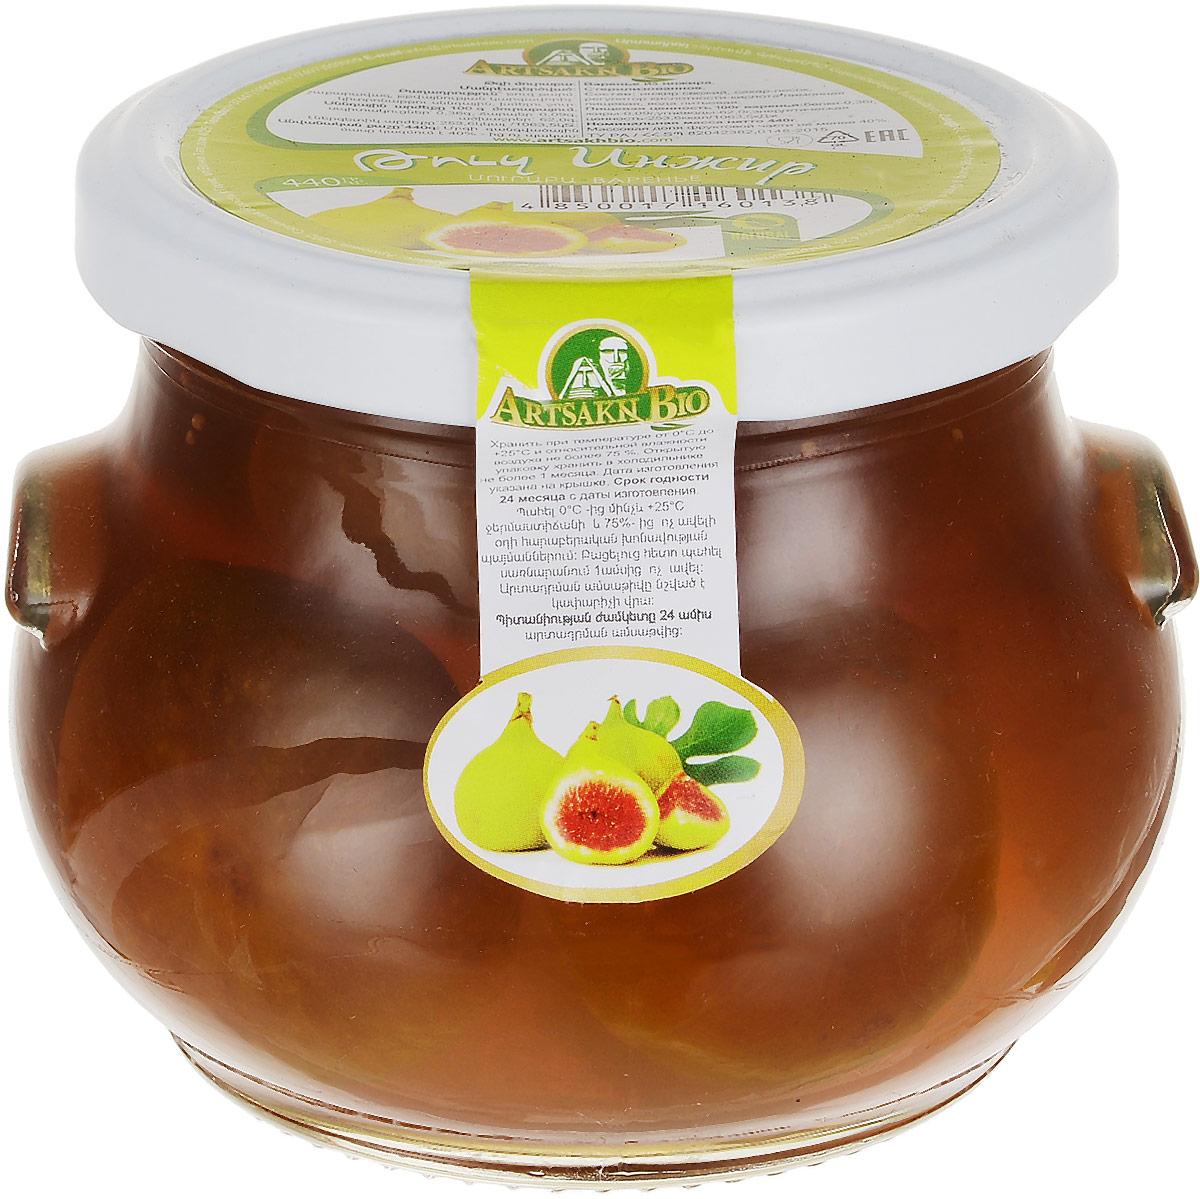 Artsakh Bio варенье из инжира, 440 г arma варенье из инжира 300 г